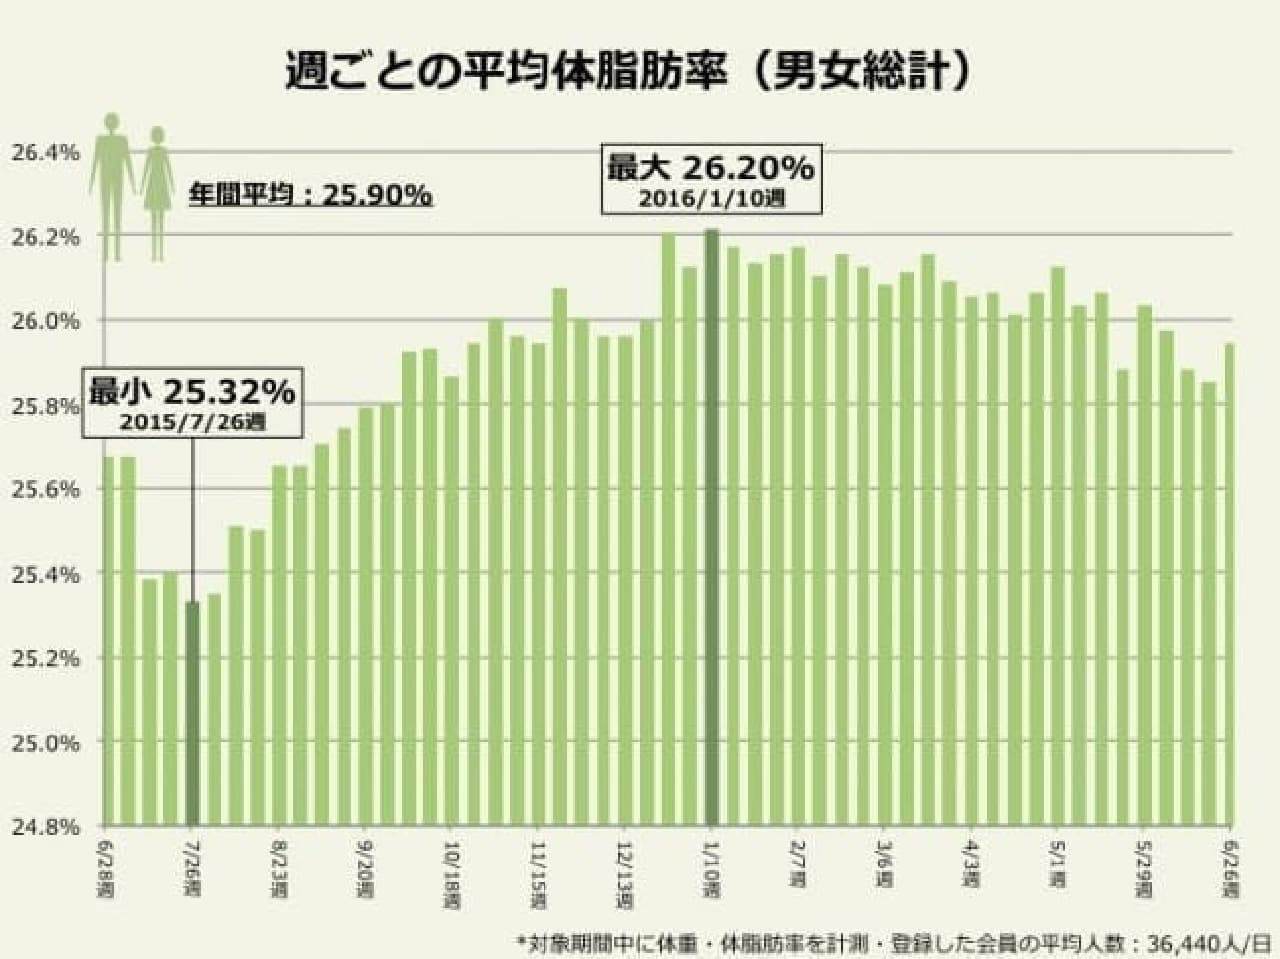 ドコモ・ヘルスケア「週ごとの平均体脂肪率」(男女総計)